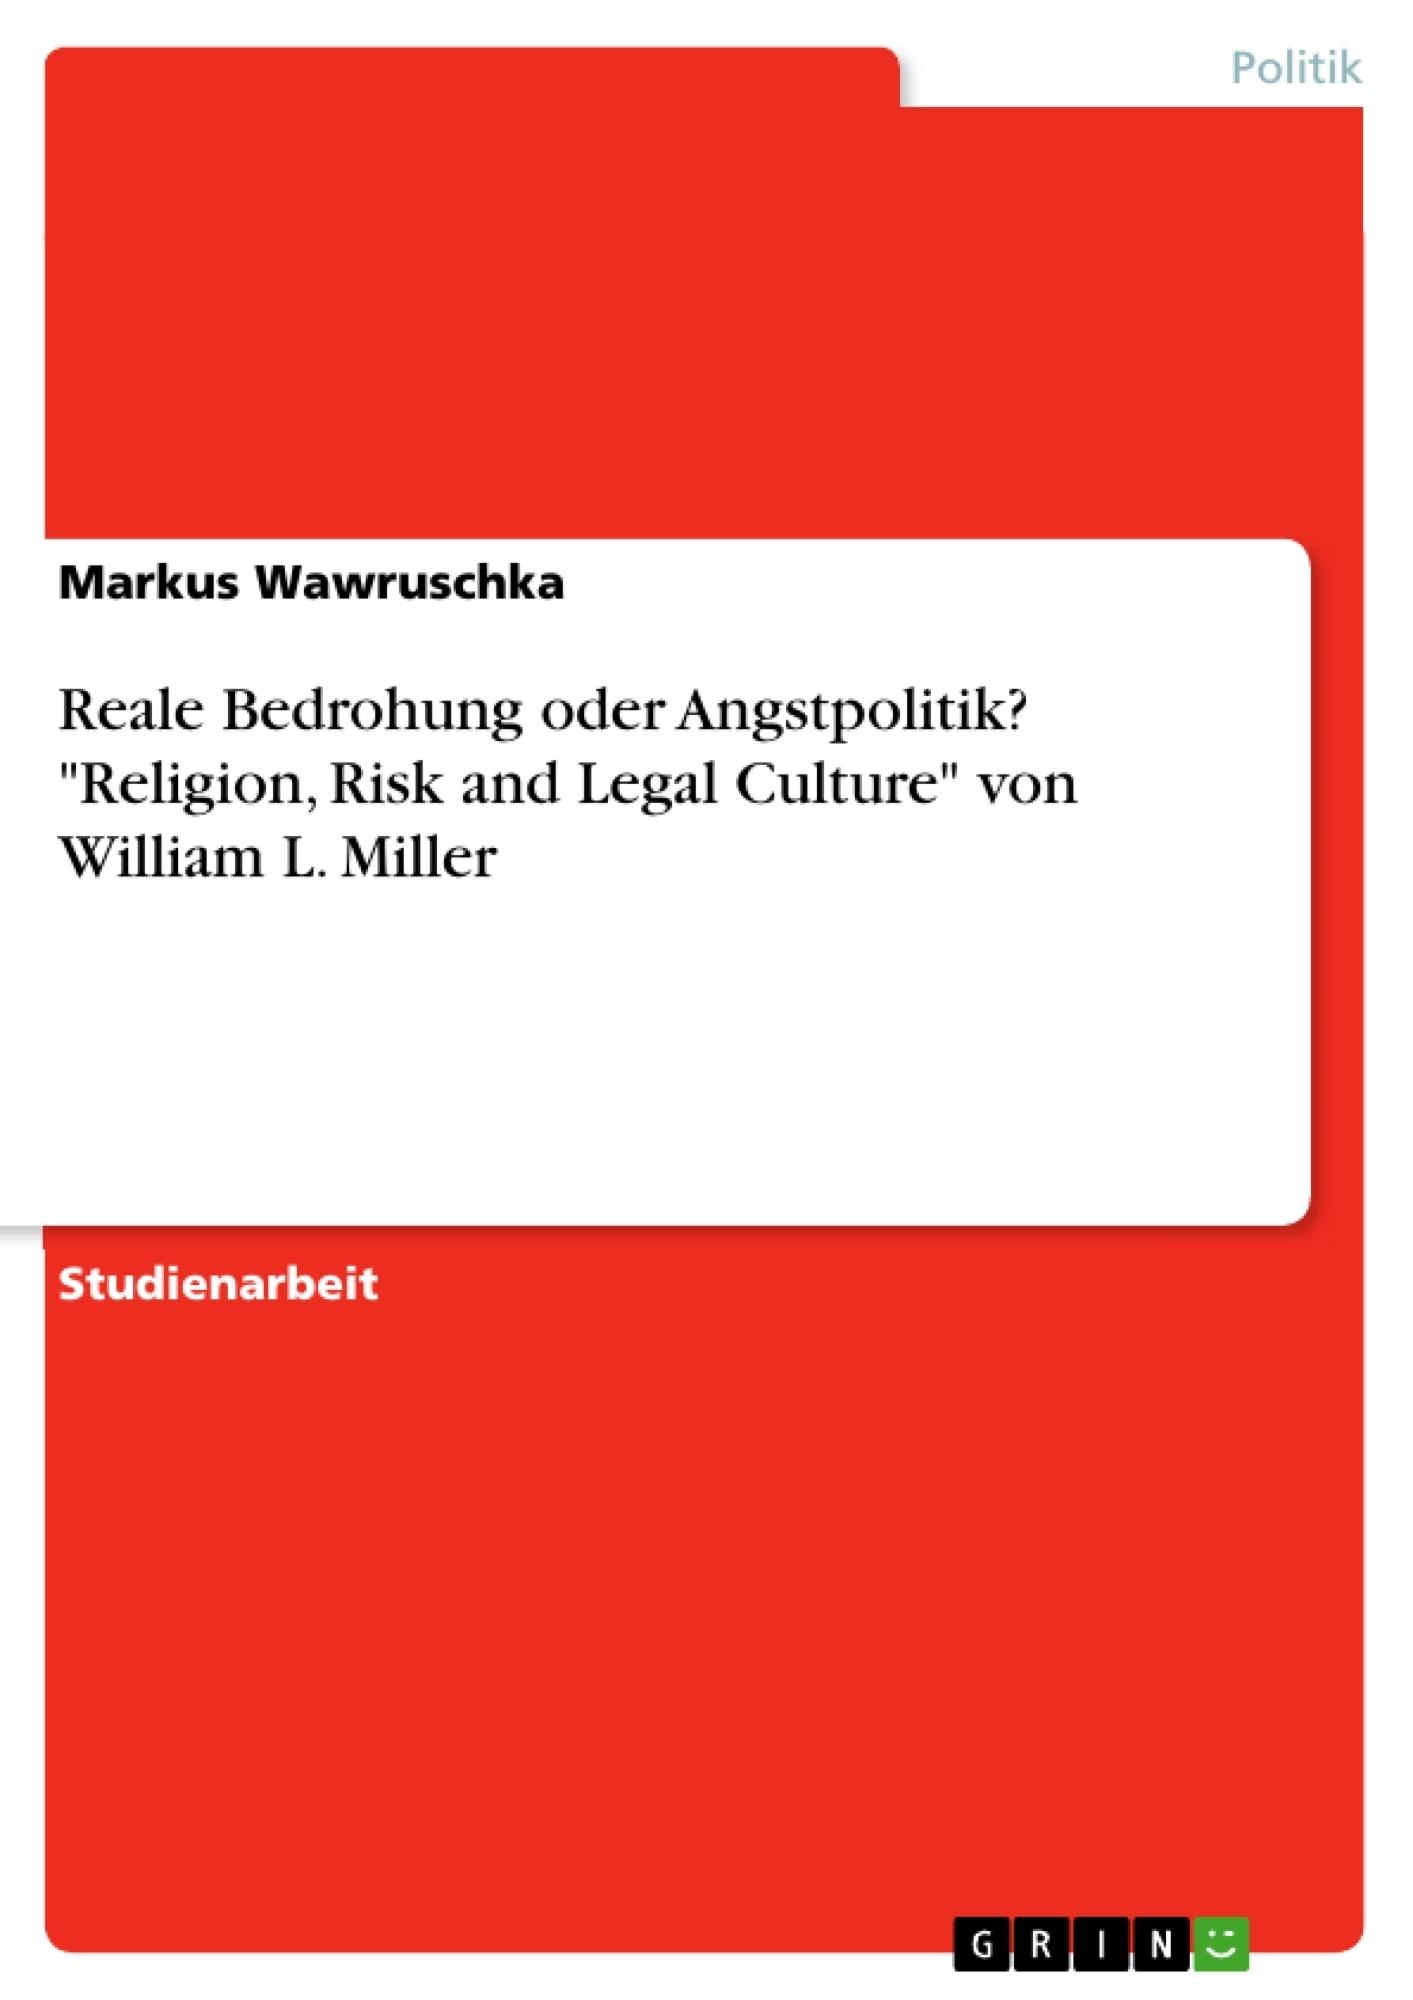 """Titel: Reale Bedrohung oder Angstpolitik? """"Religion, Risk and Legal Culture"""" von William L. Miller"""